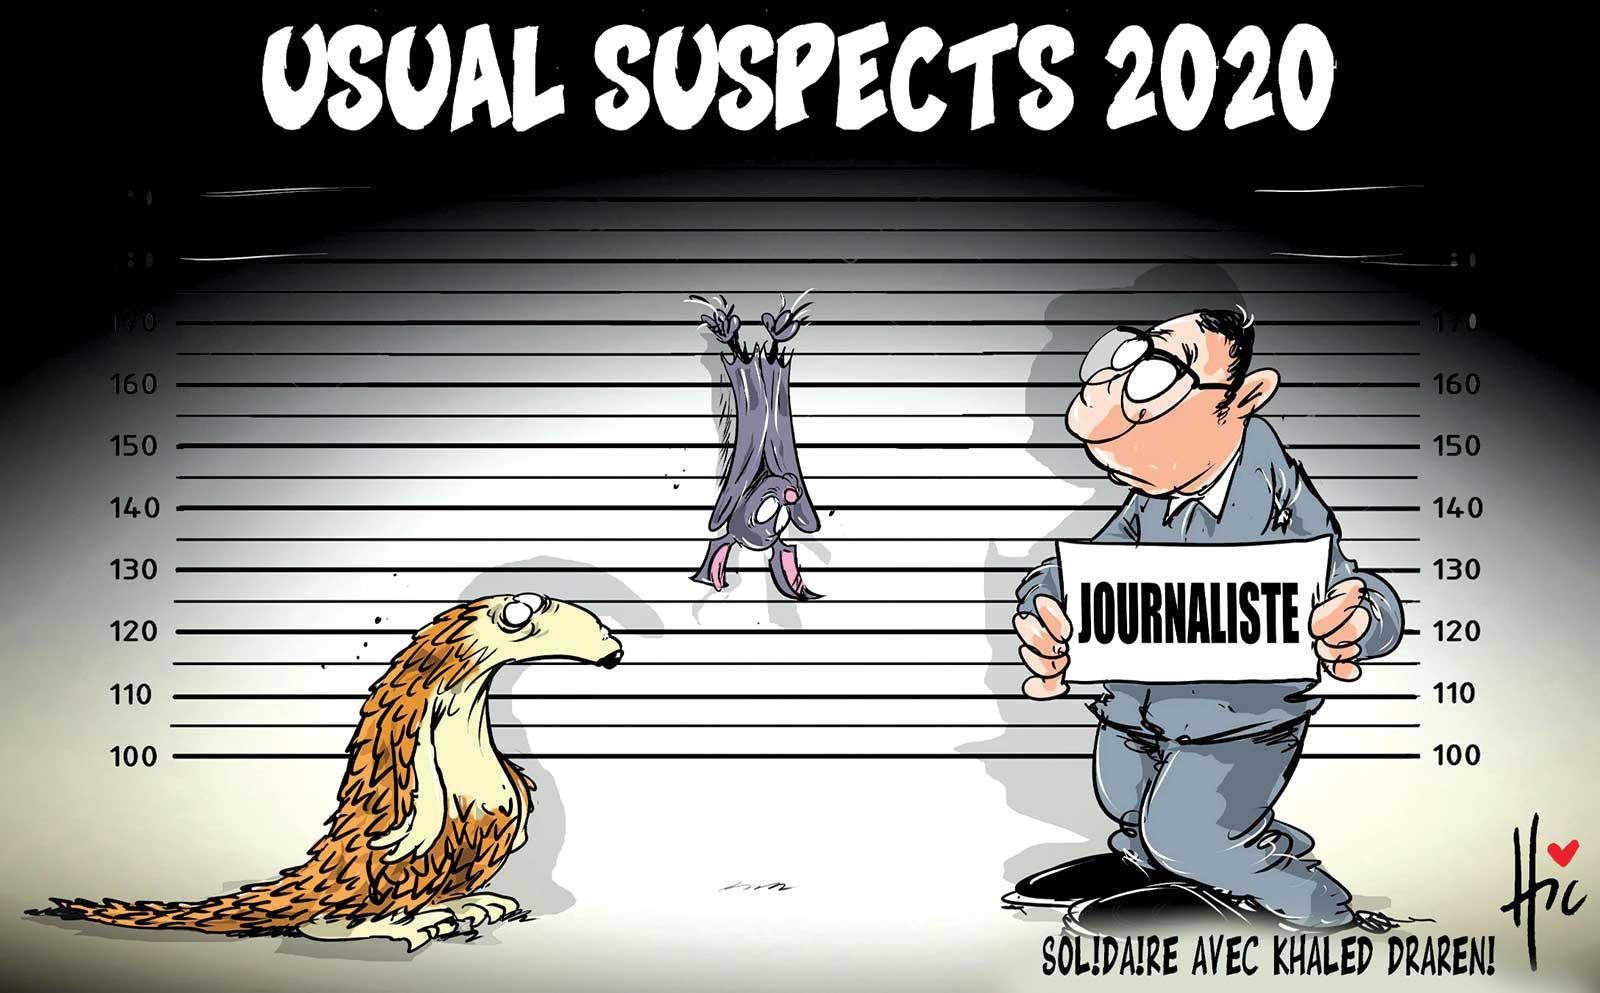 Coronavirus : Usual suspects 2020 - Dessins et Caricatures, Le Hic - El Watan - Gagdz.com